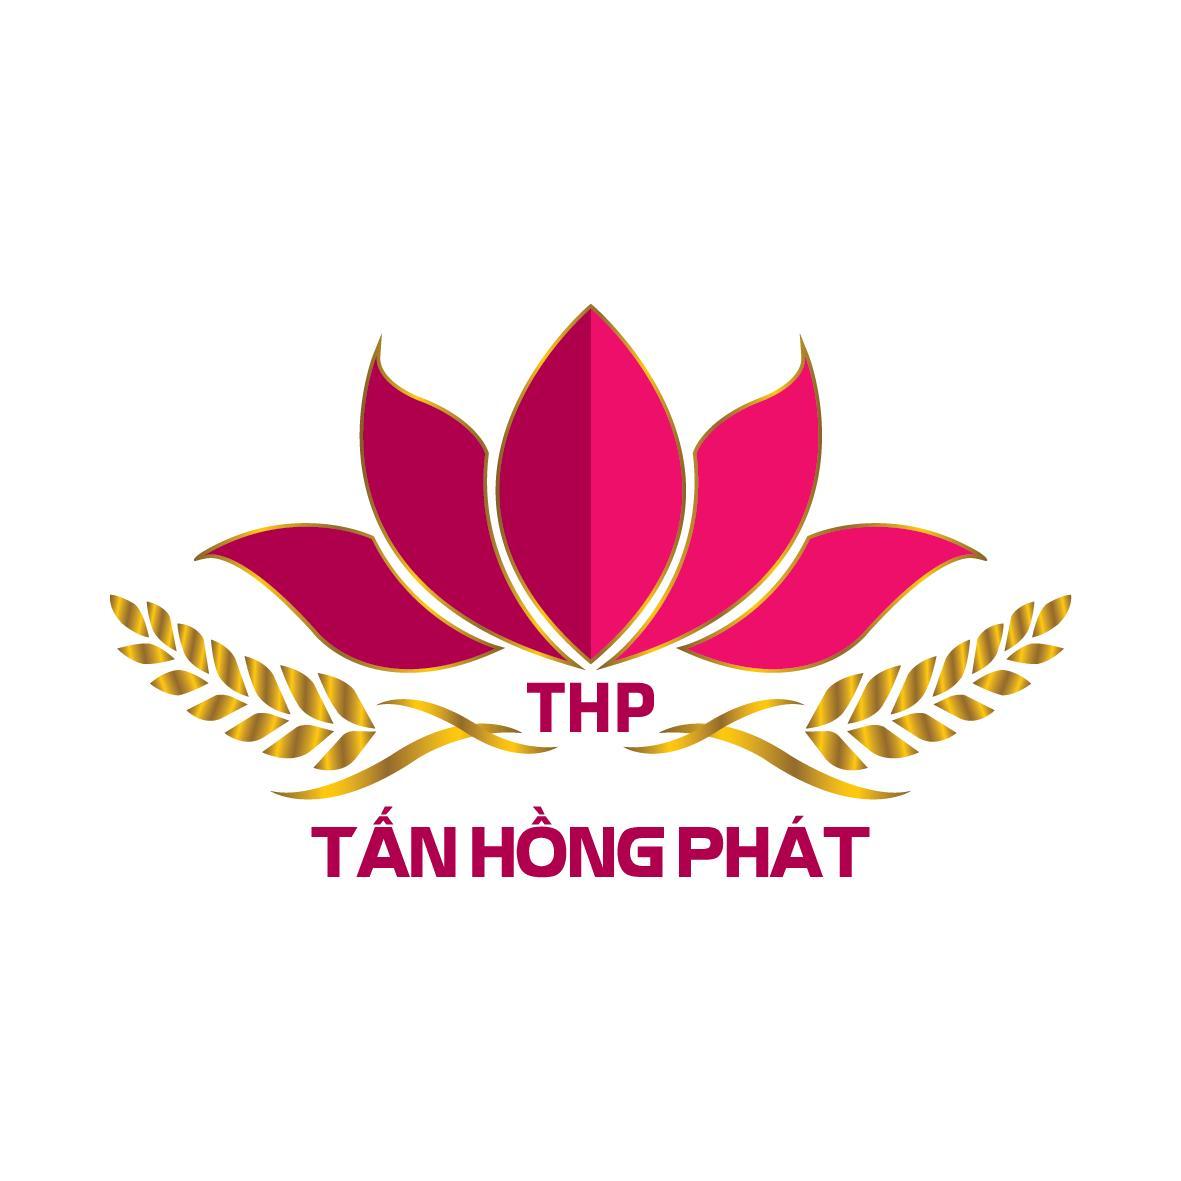 Giới thiệu Công Ty TNHH Thương Mại Dịch Vụ Xây Dựng Tấn Hồng Phát